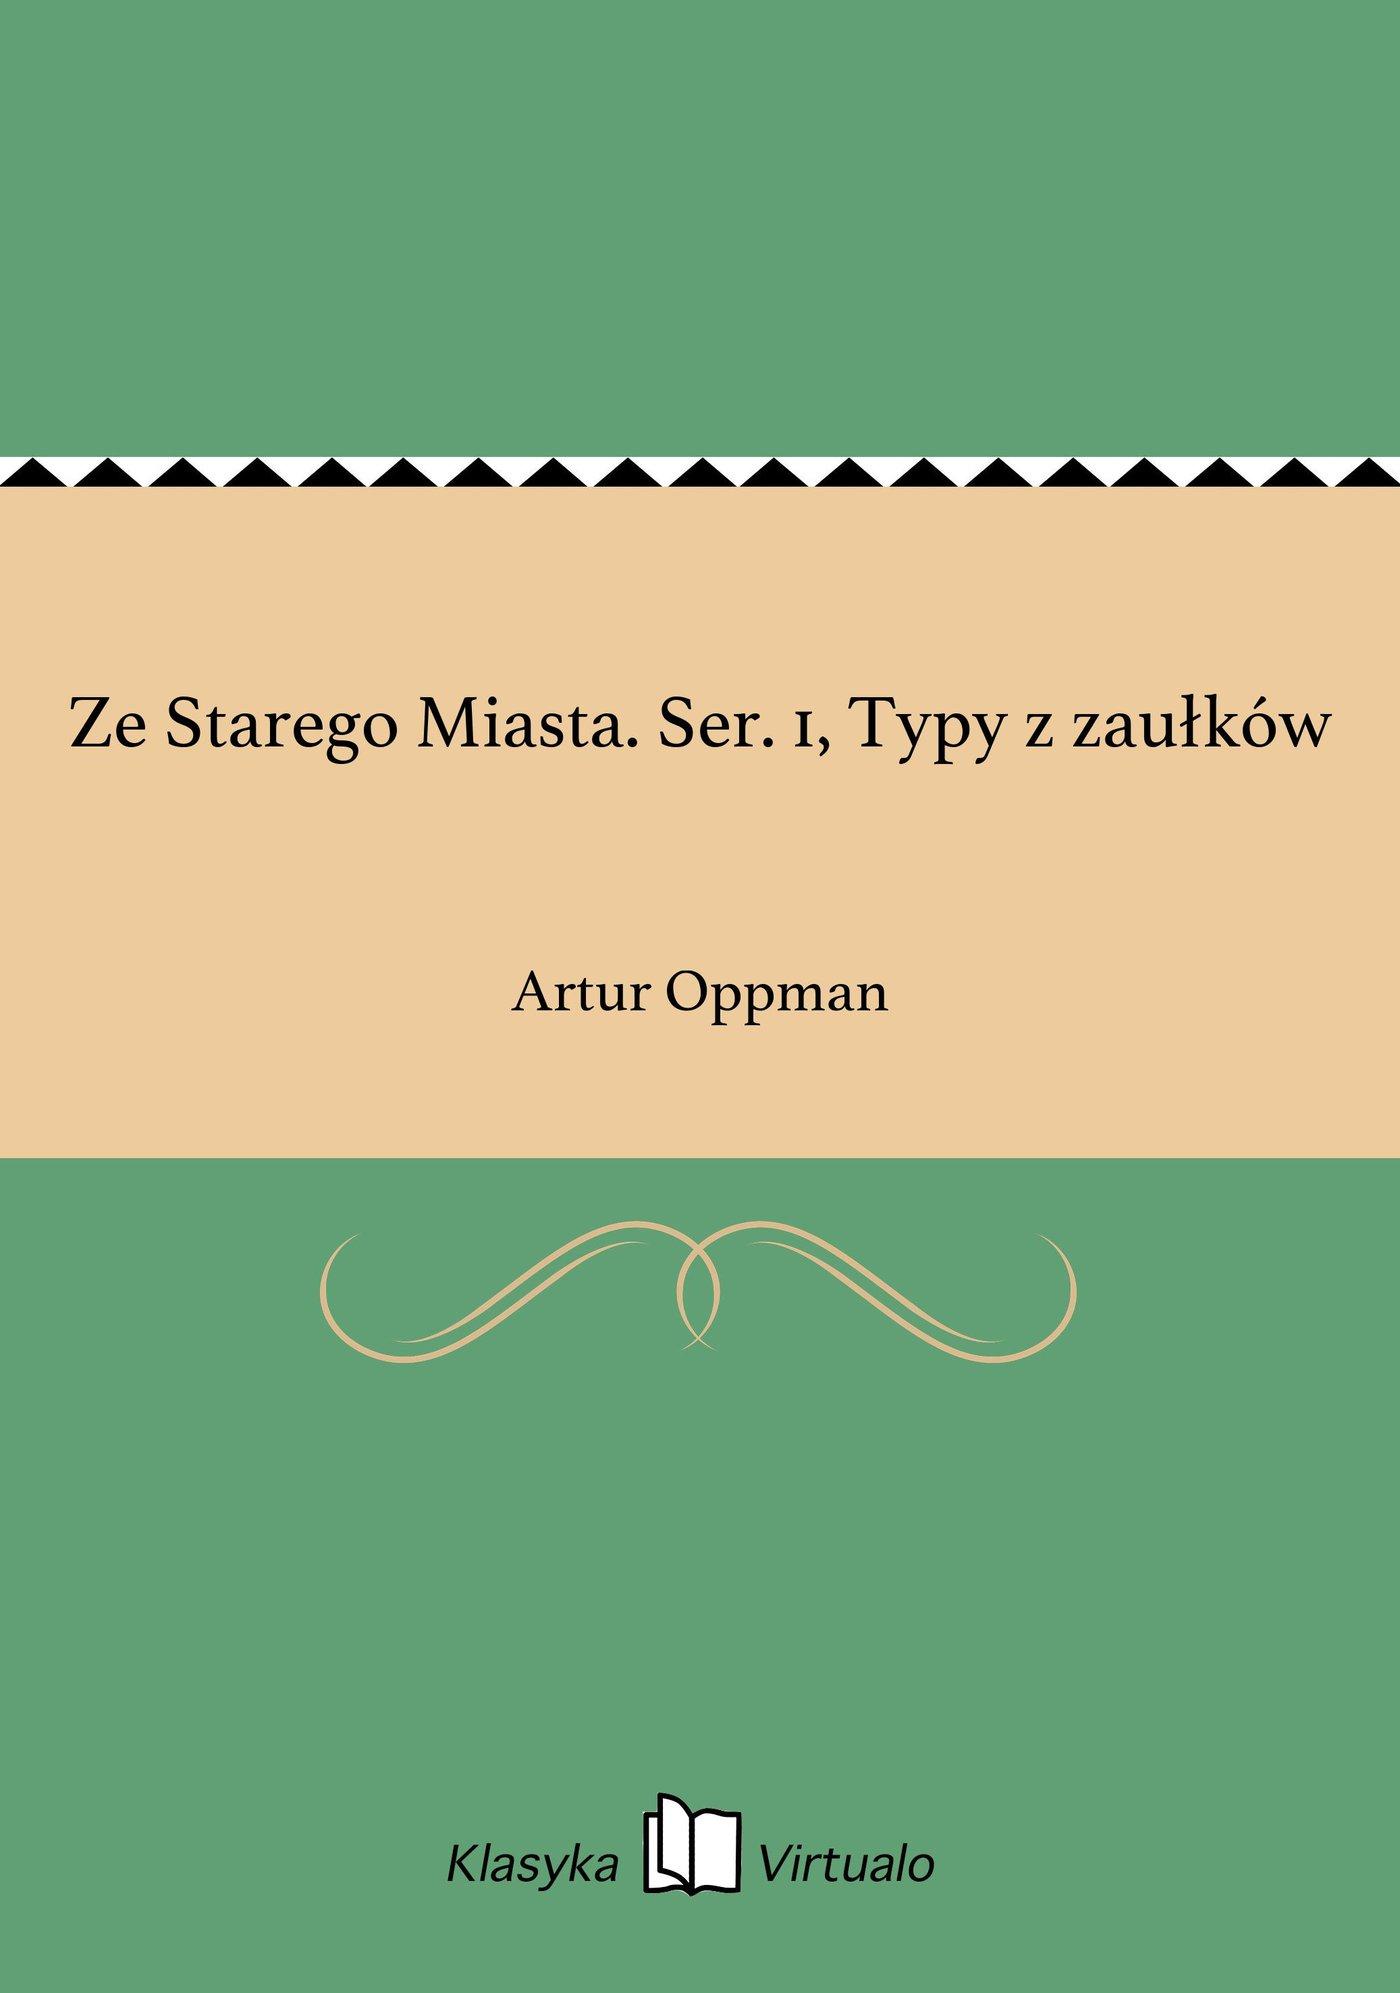 Ze Starego Miasta. Ser. 1, Typy z zaułków - Ebook (Książka EPUB) do pobrania w formacie EPUB